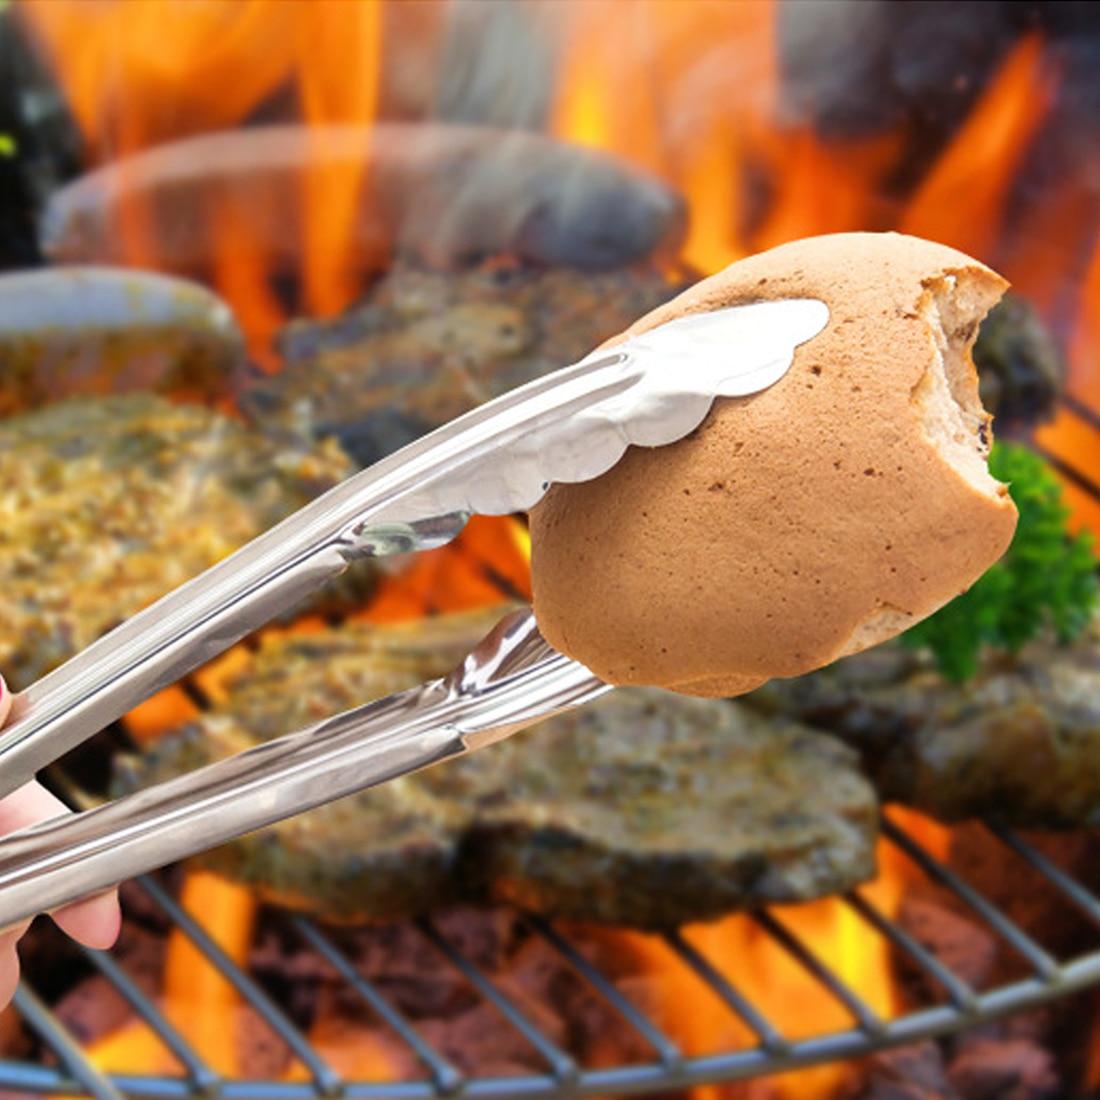 Top Sale Rozsdamentes acél ételfogók Konyhai főzési ételek Tang Tong Anti Heat Bread Clip tészta Barbecue fogók